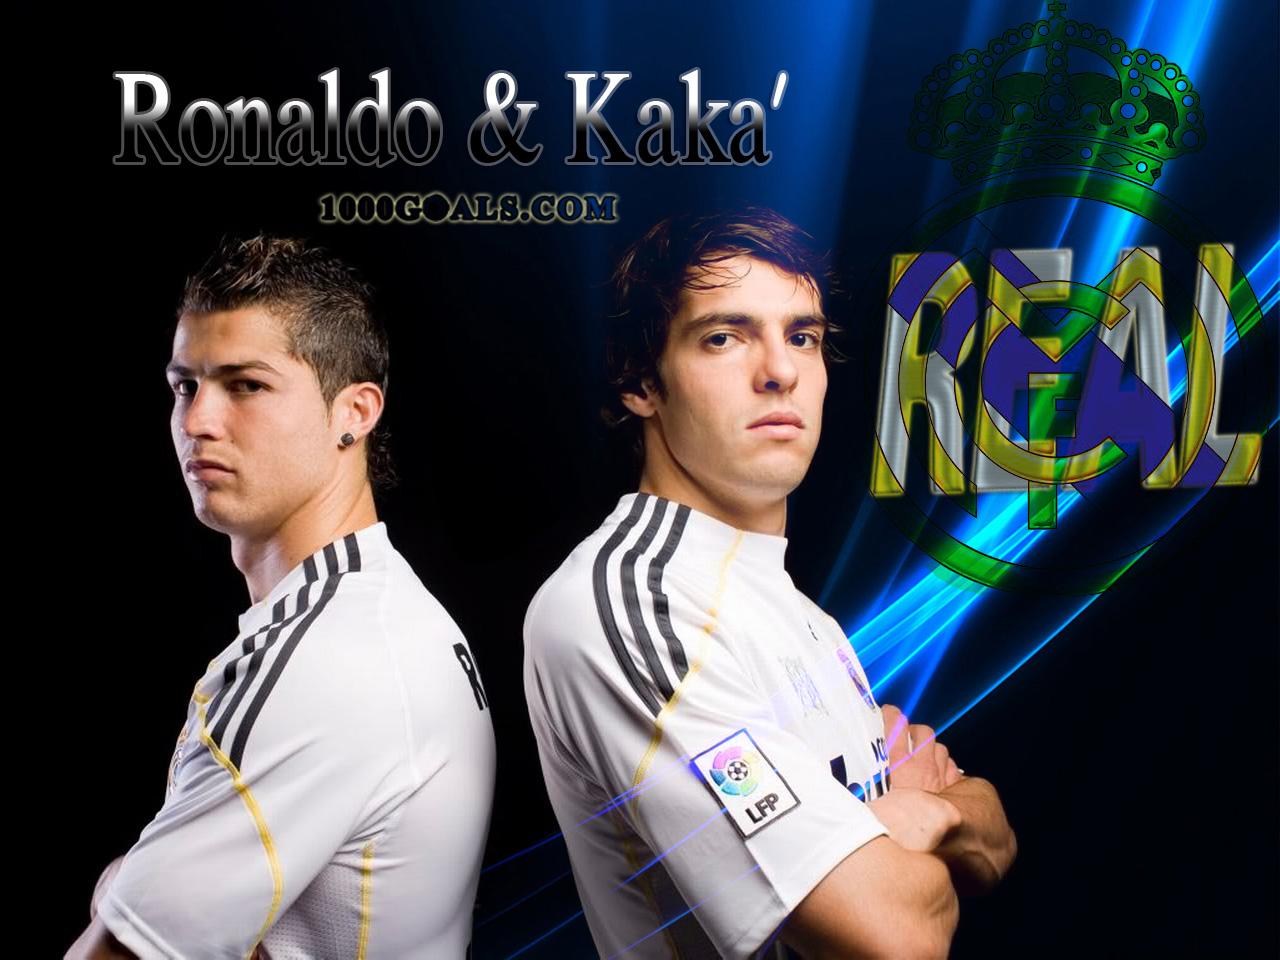 Koleksi Wallpaper Cristiano Ronaldo Di Real Madrid Wallpaper